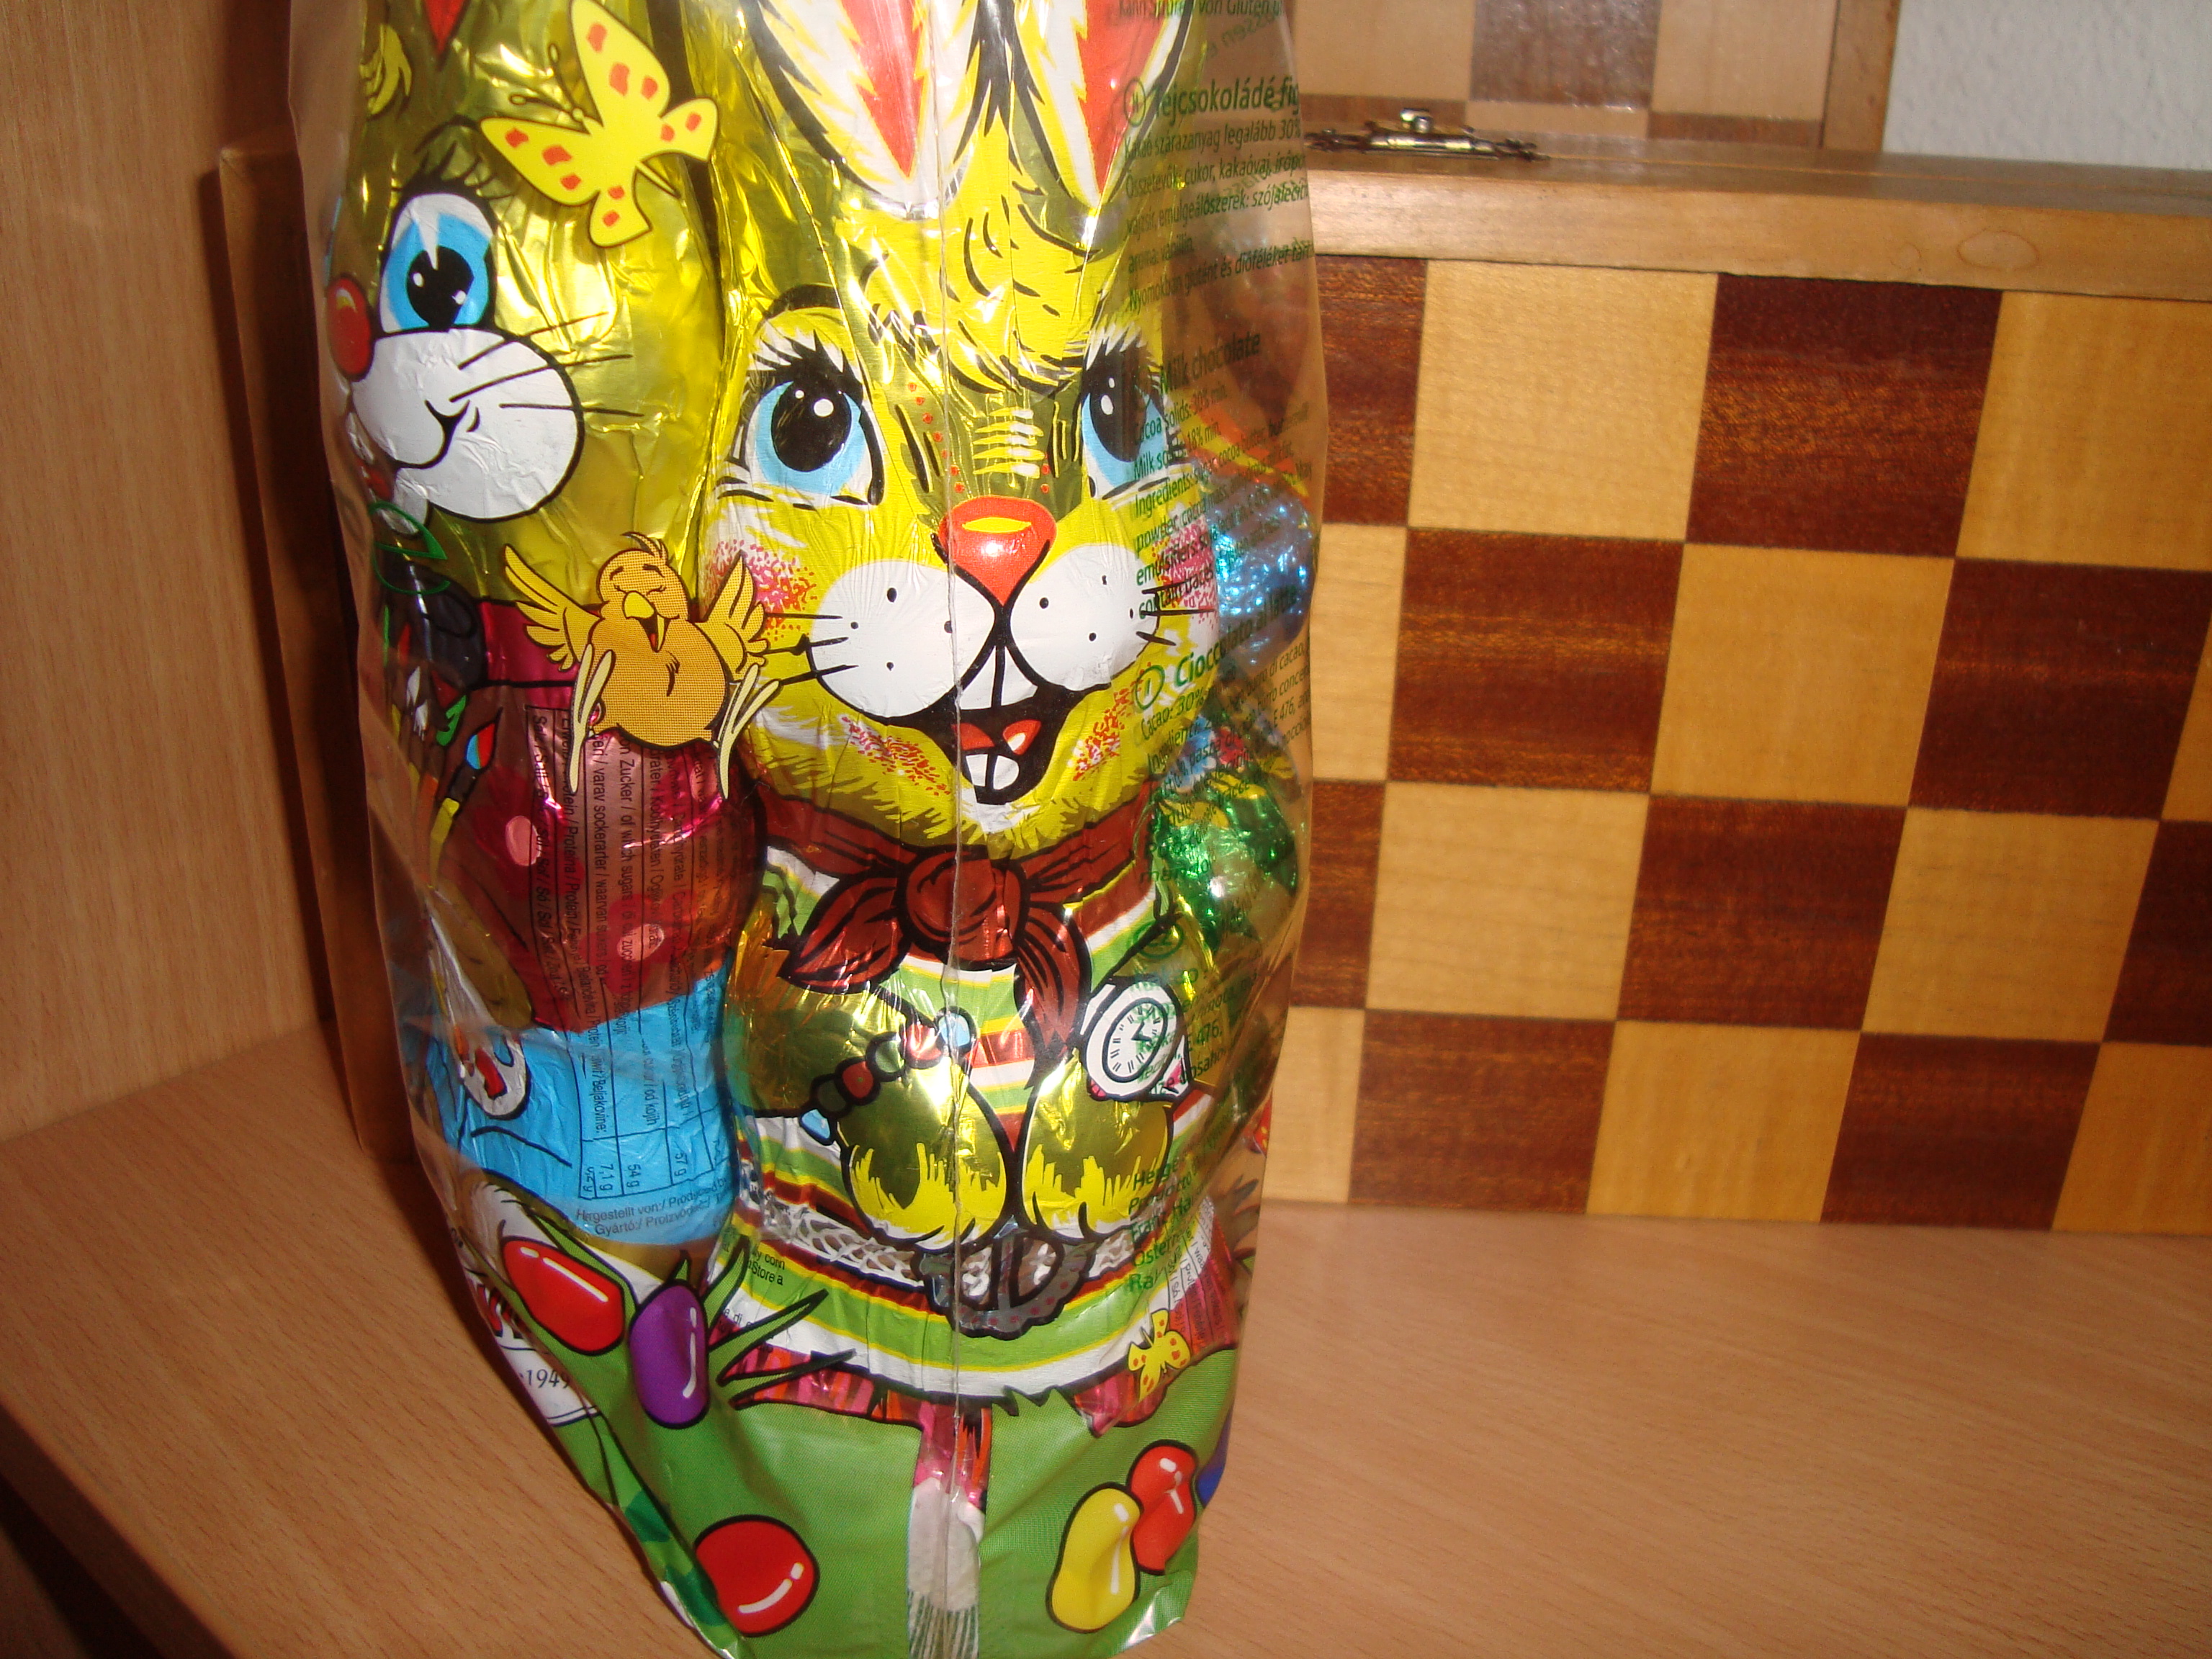 Oster goody bag beim 2 rapid rabbit f r jede n for Endtabelle bundesliga